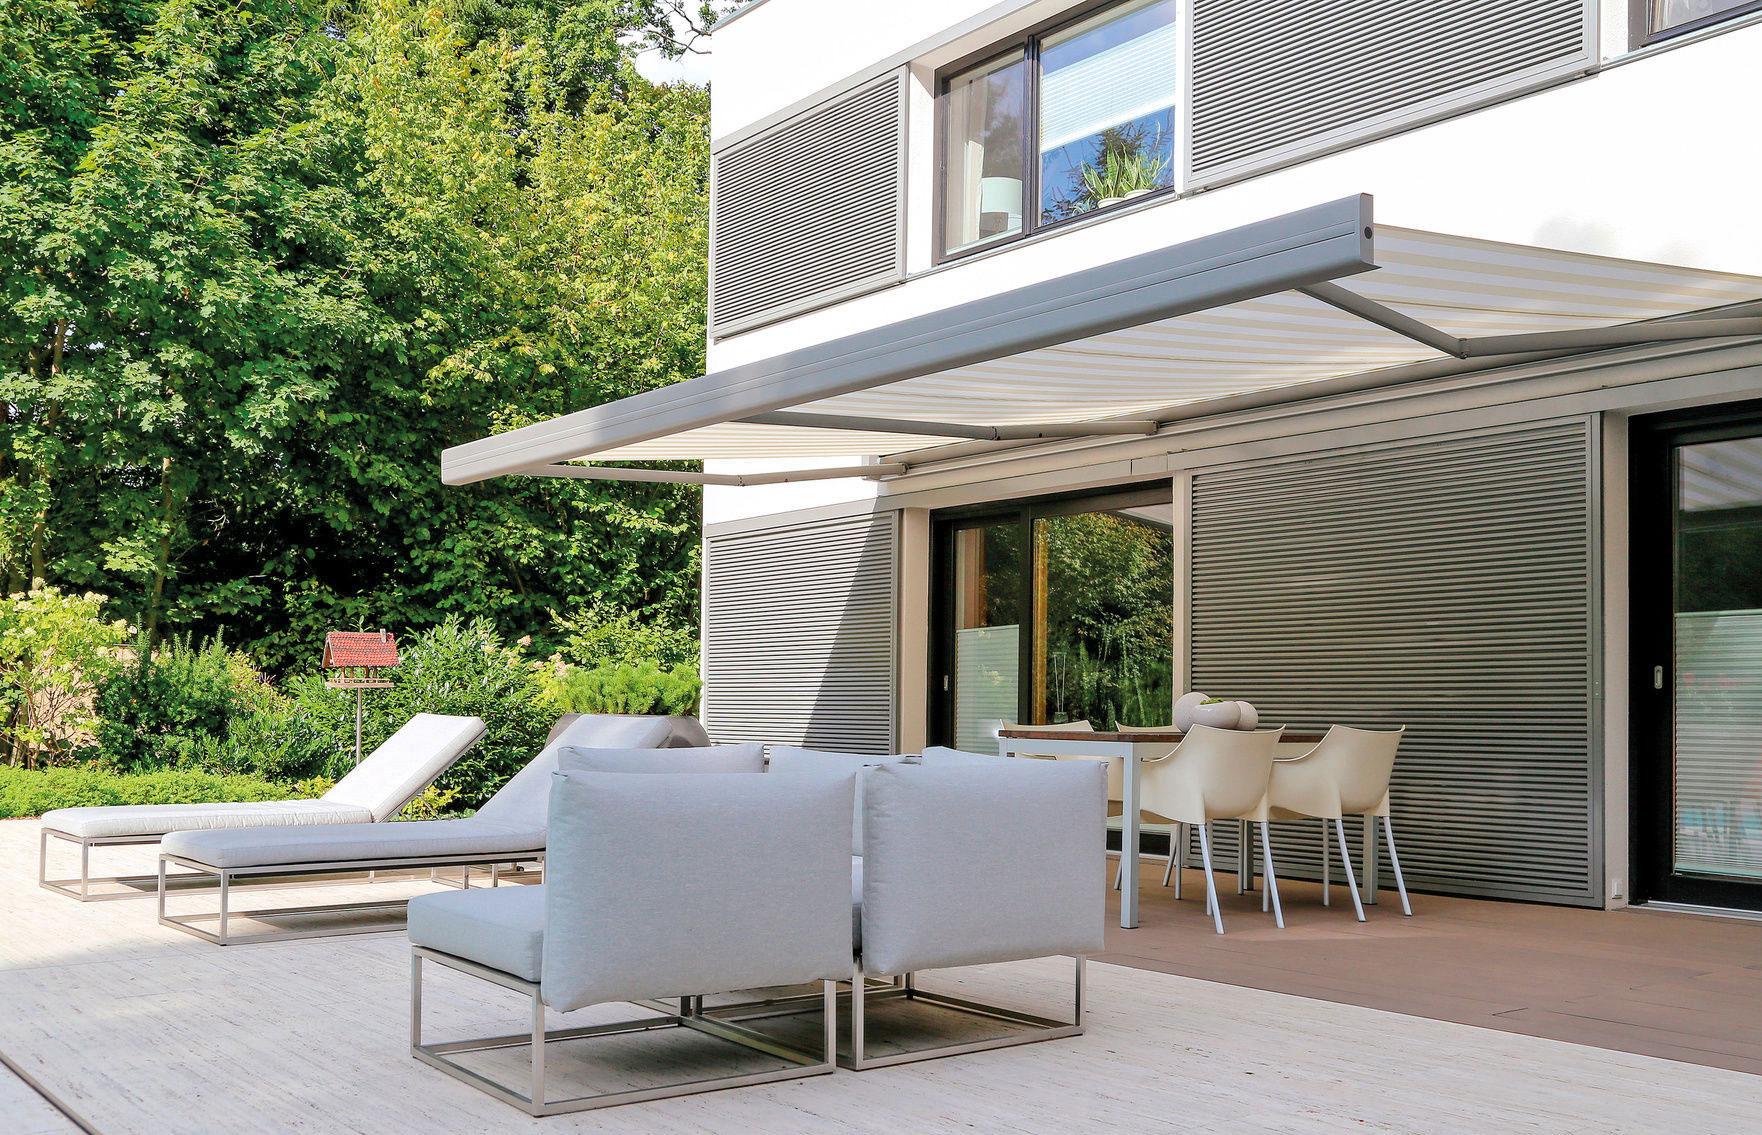 sonnenschutz f r drau en thoms sonnenschutztechnik gmbh m nchen haar. Black Bedroom Furniture Sets. Home Design Ideas